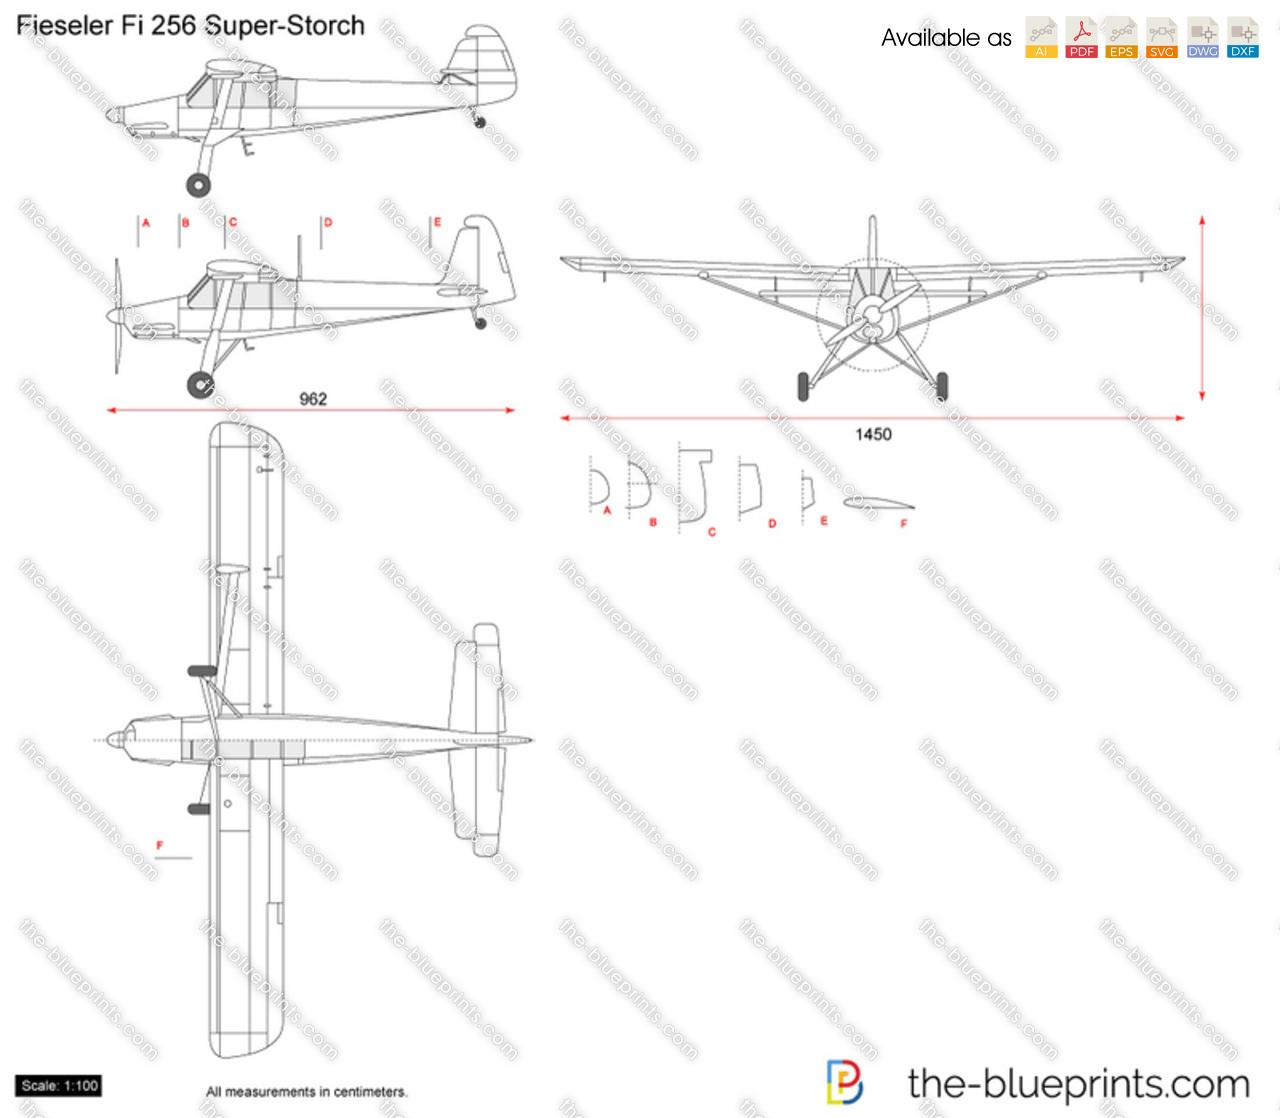 Fieseler Fi 256 Super-Storch